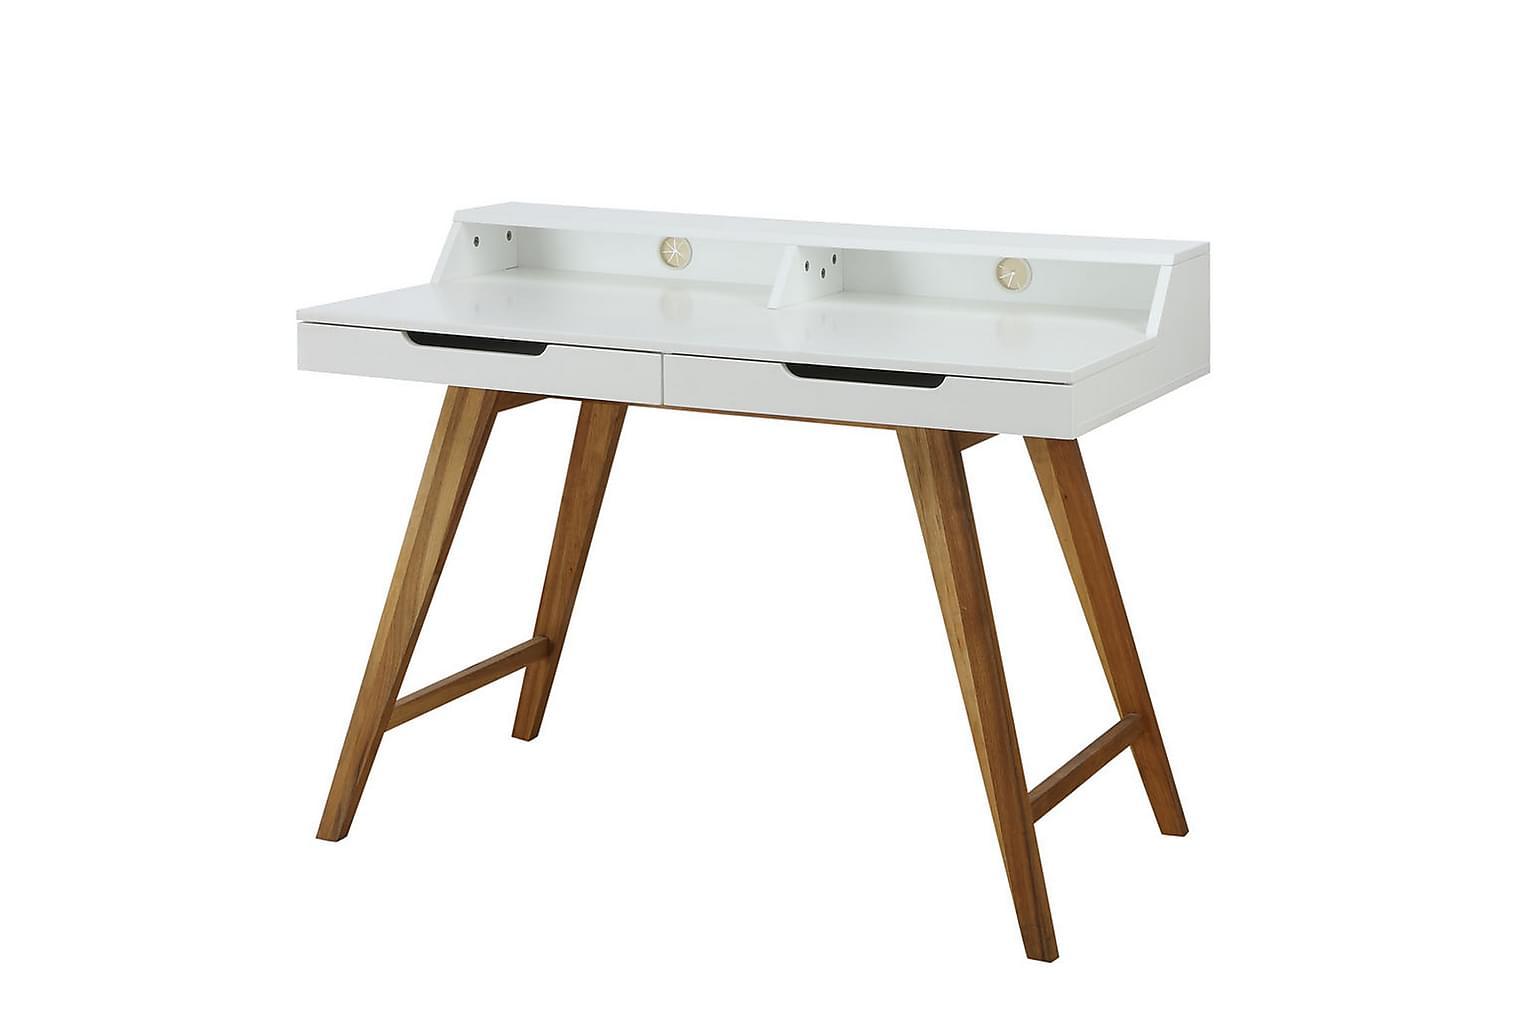 OSSI Kirjoituspöytä 110 Valkoinen/Luonnonväri